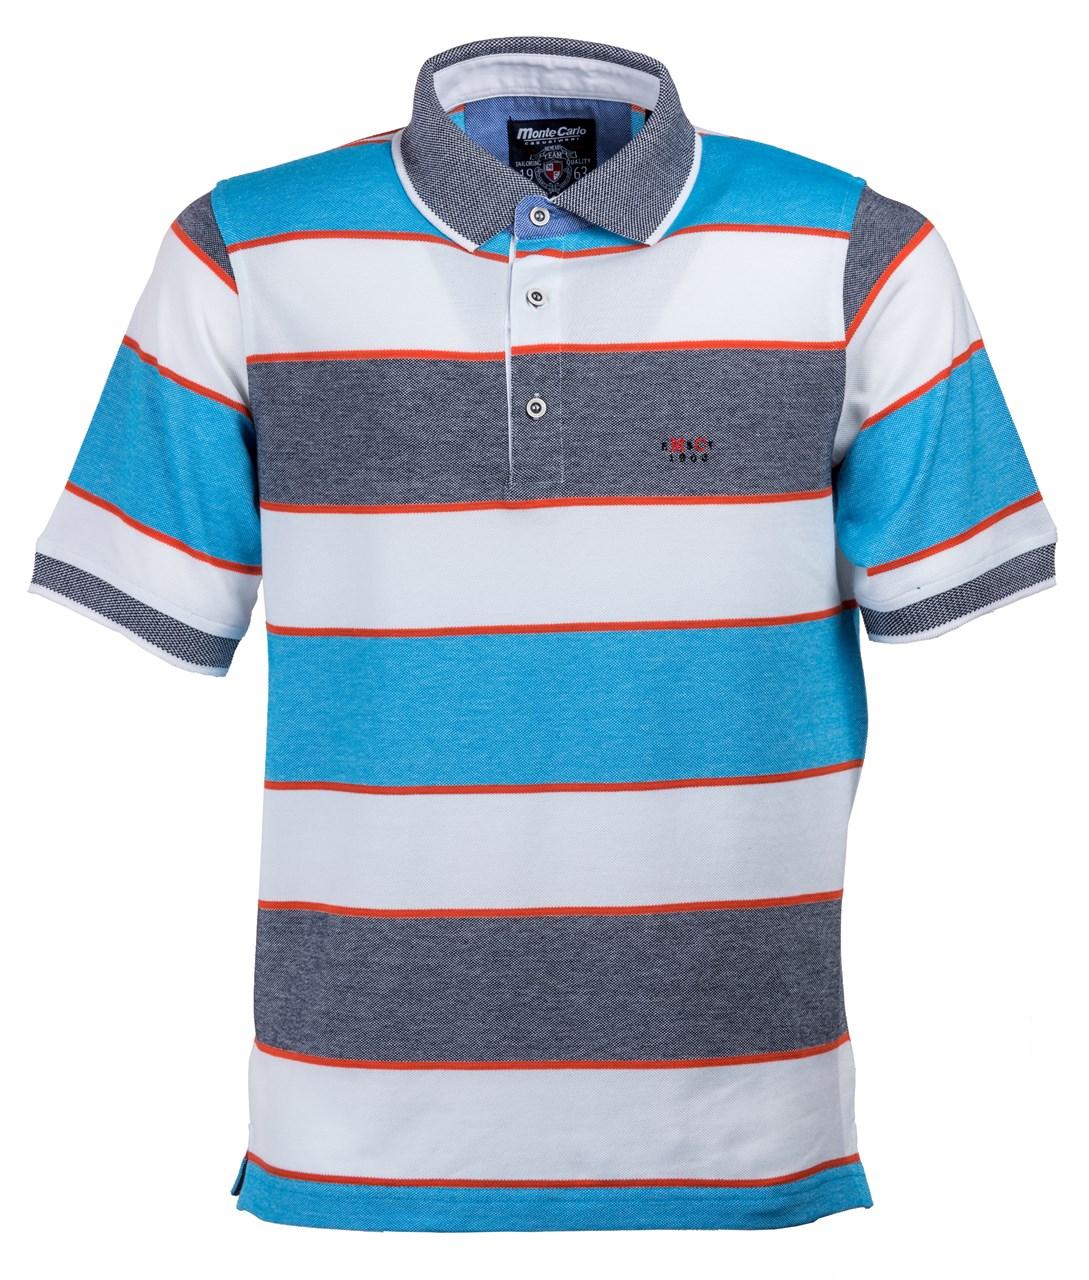 cc28bb5baa4 Obrázek E Pruhované polo triko   polokošile modrá   oranžová Mode Monte  Carlo ...